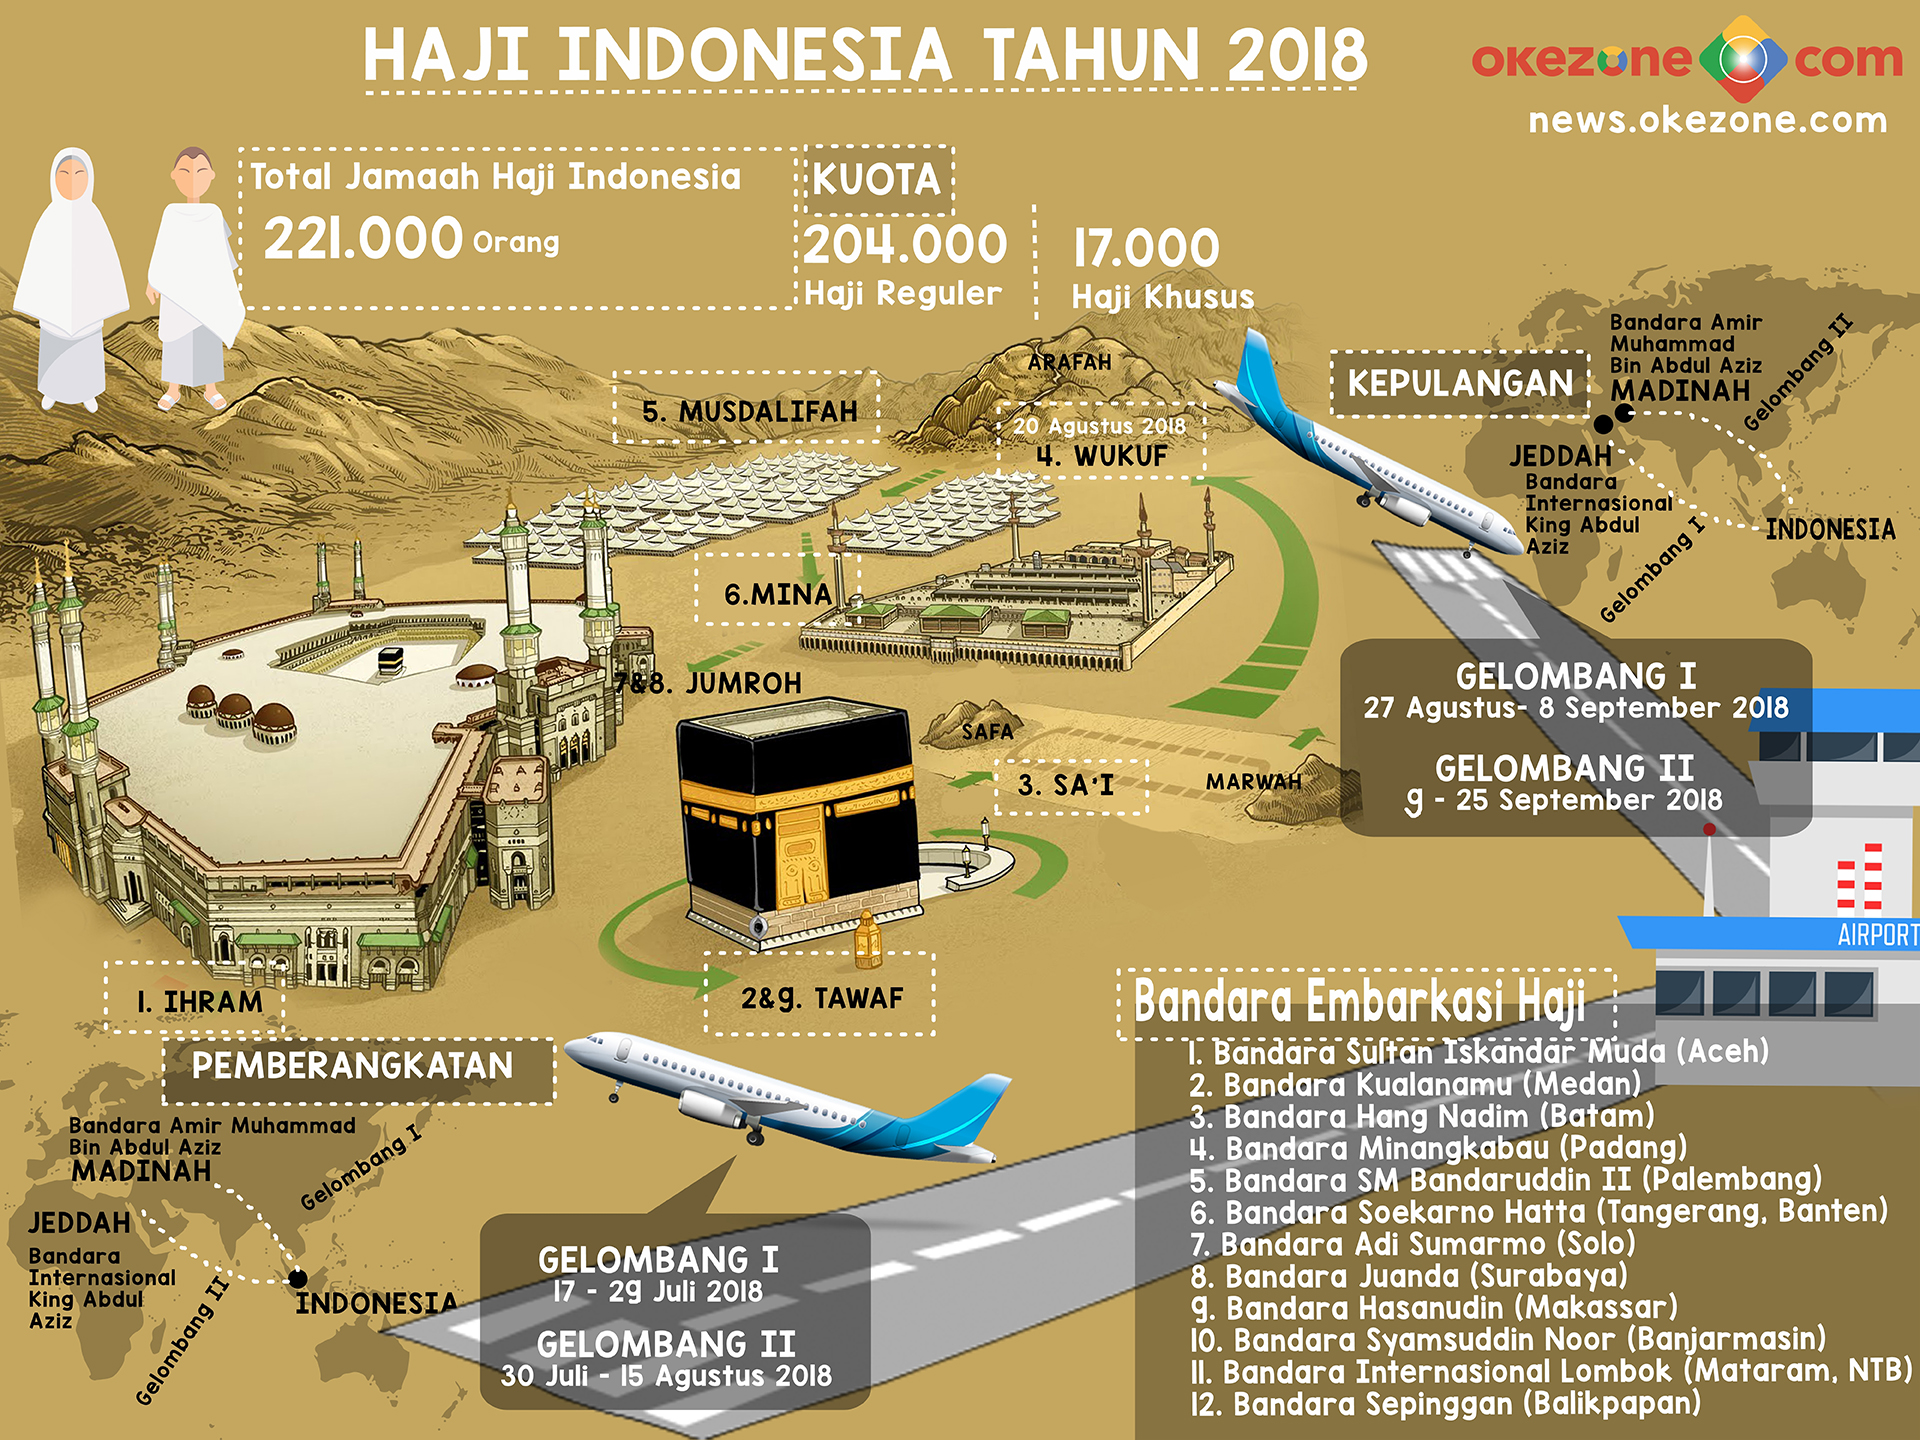 HAJI INDONESIA TAHUN 2018 -